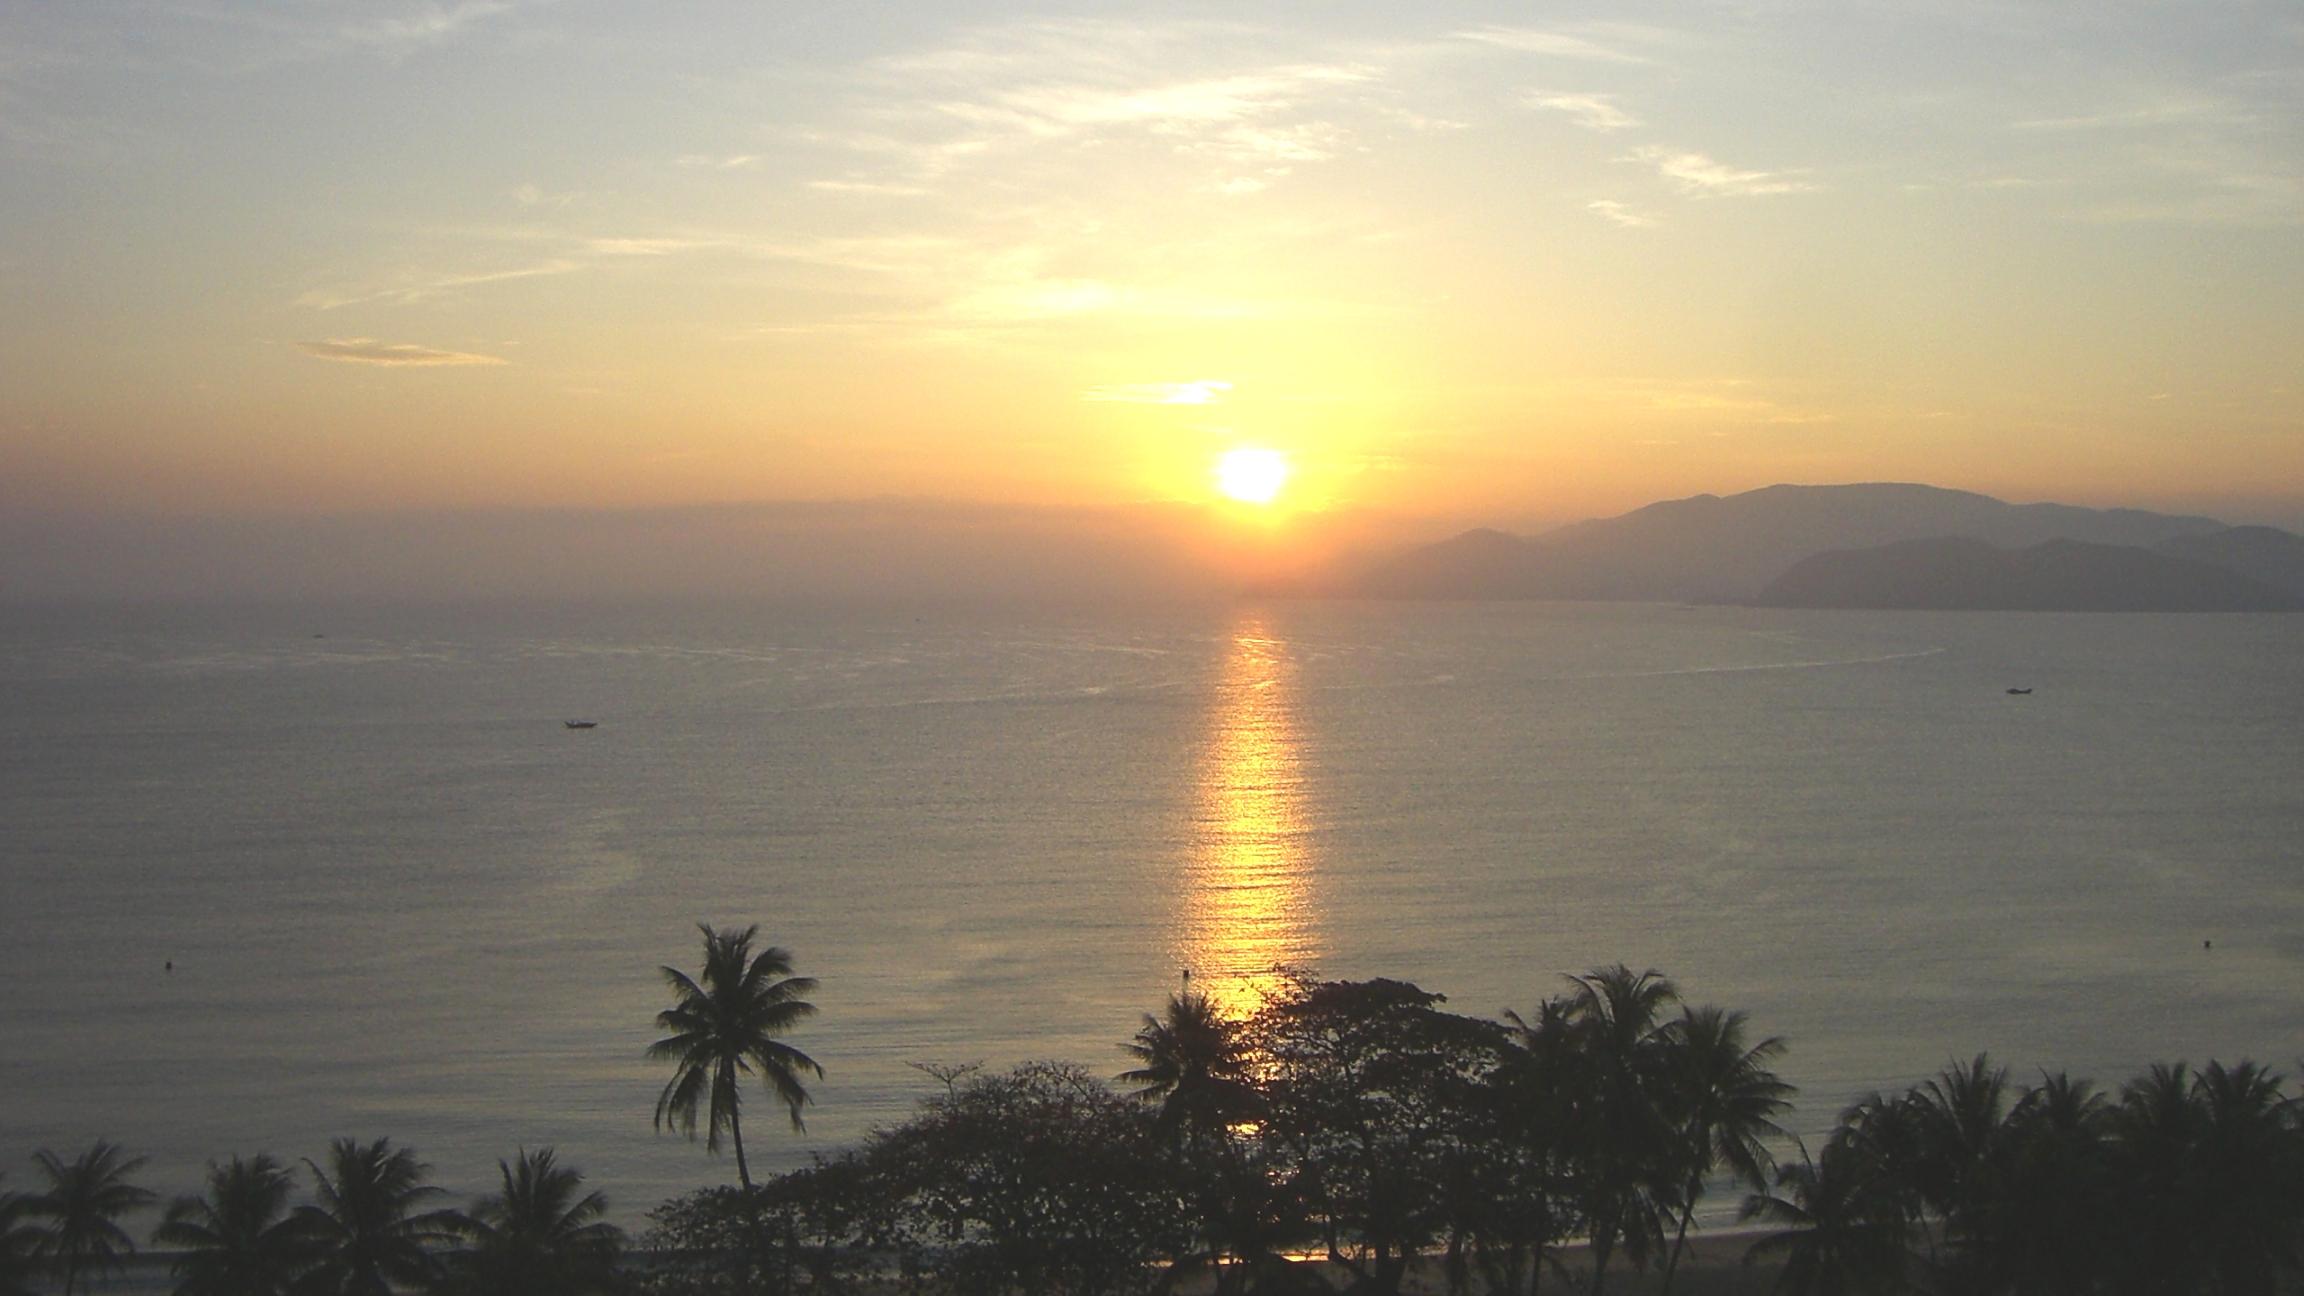 ベトナム4日目:ニャチャンの日の出と、至福のスパ4時間コース!